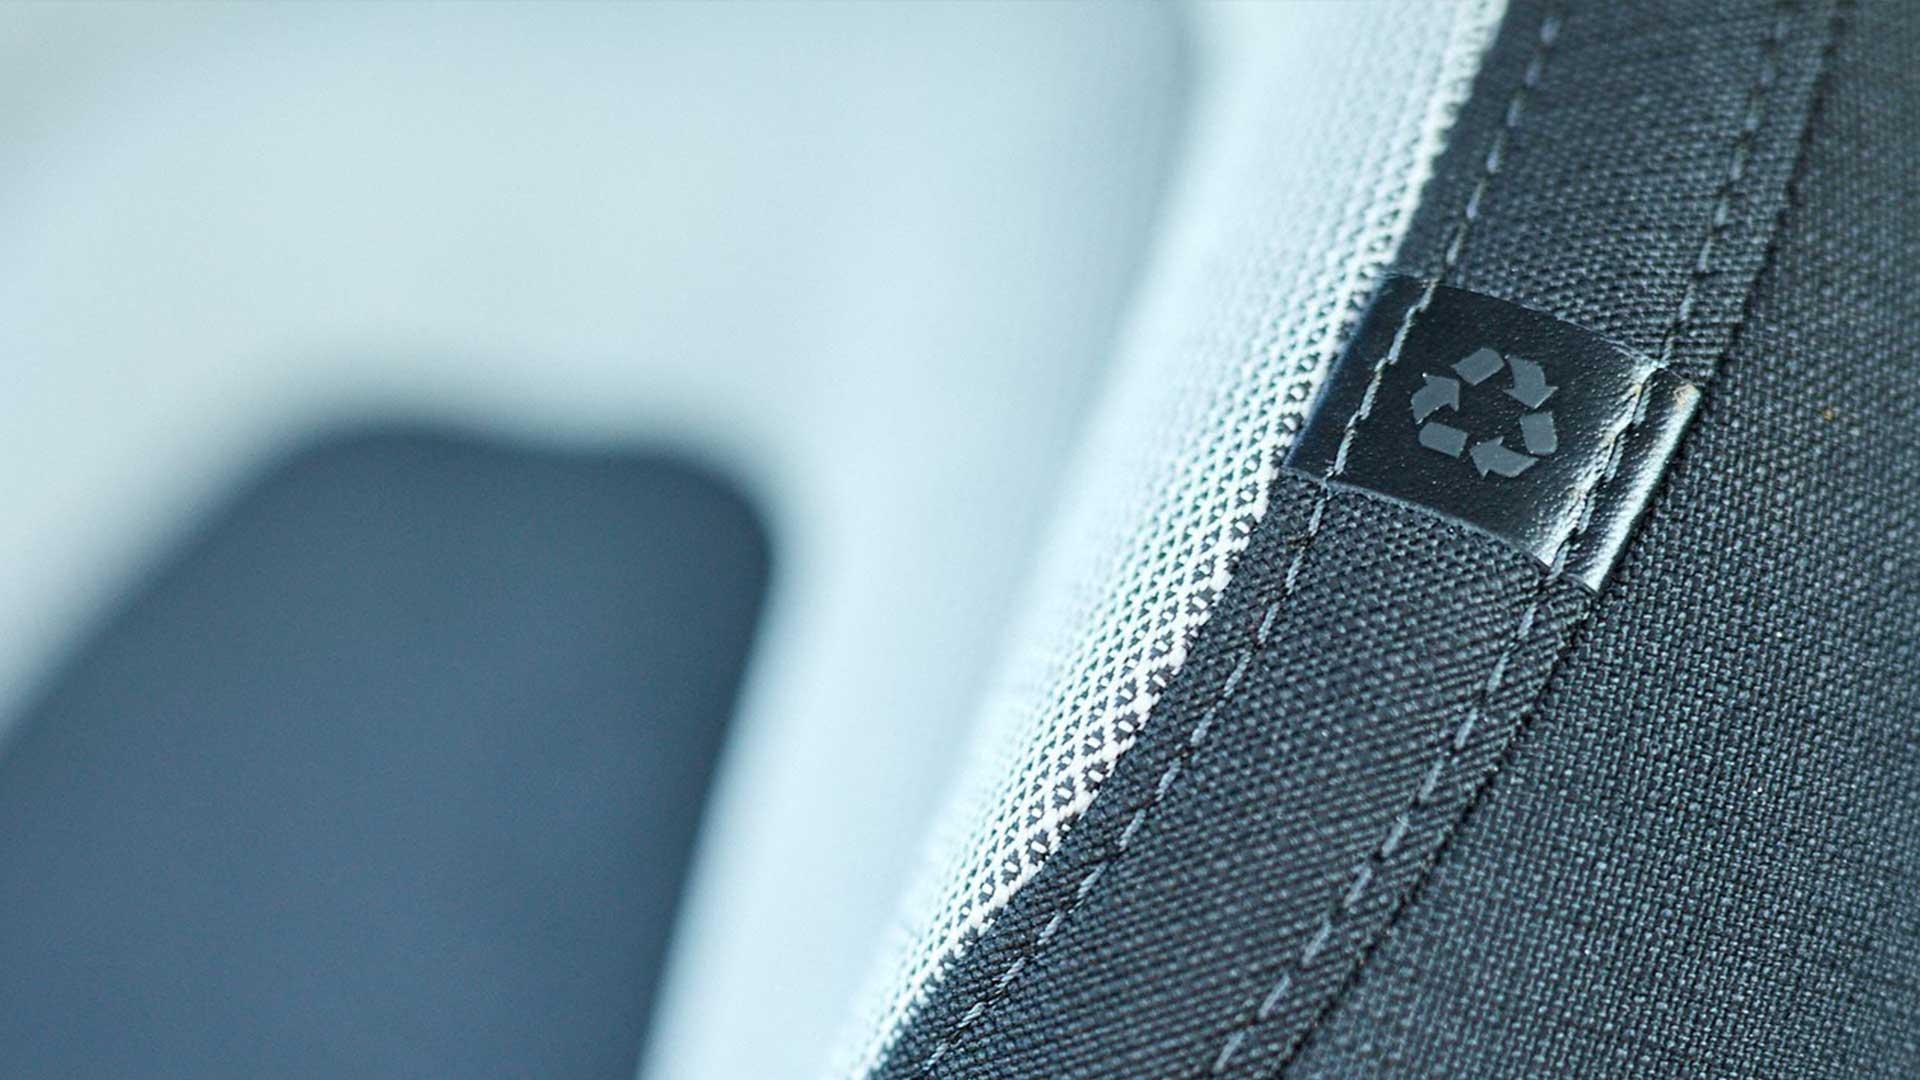 Acercamiento de un asiento de auto con el símbolo de reciclaje universal colocado en la tela.